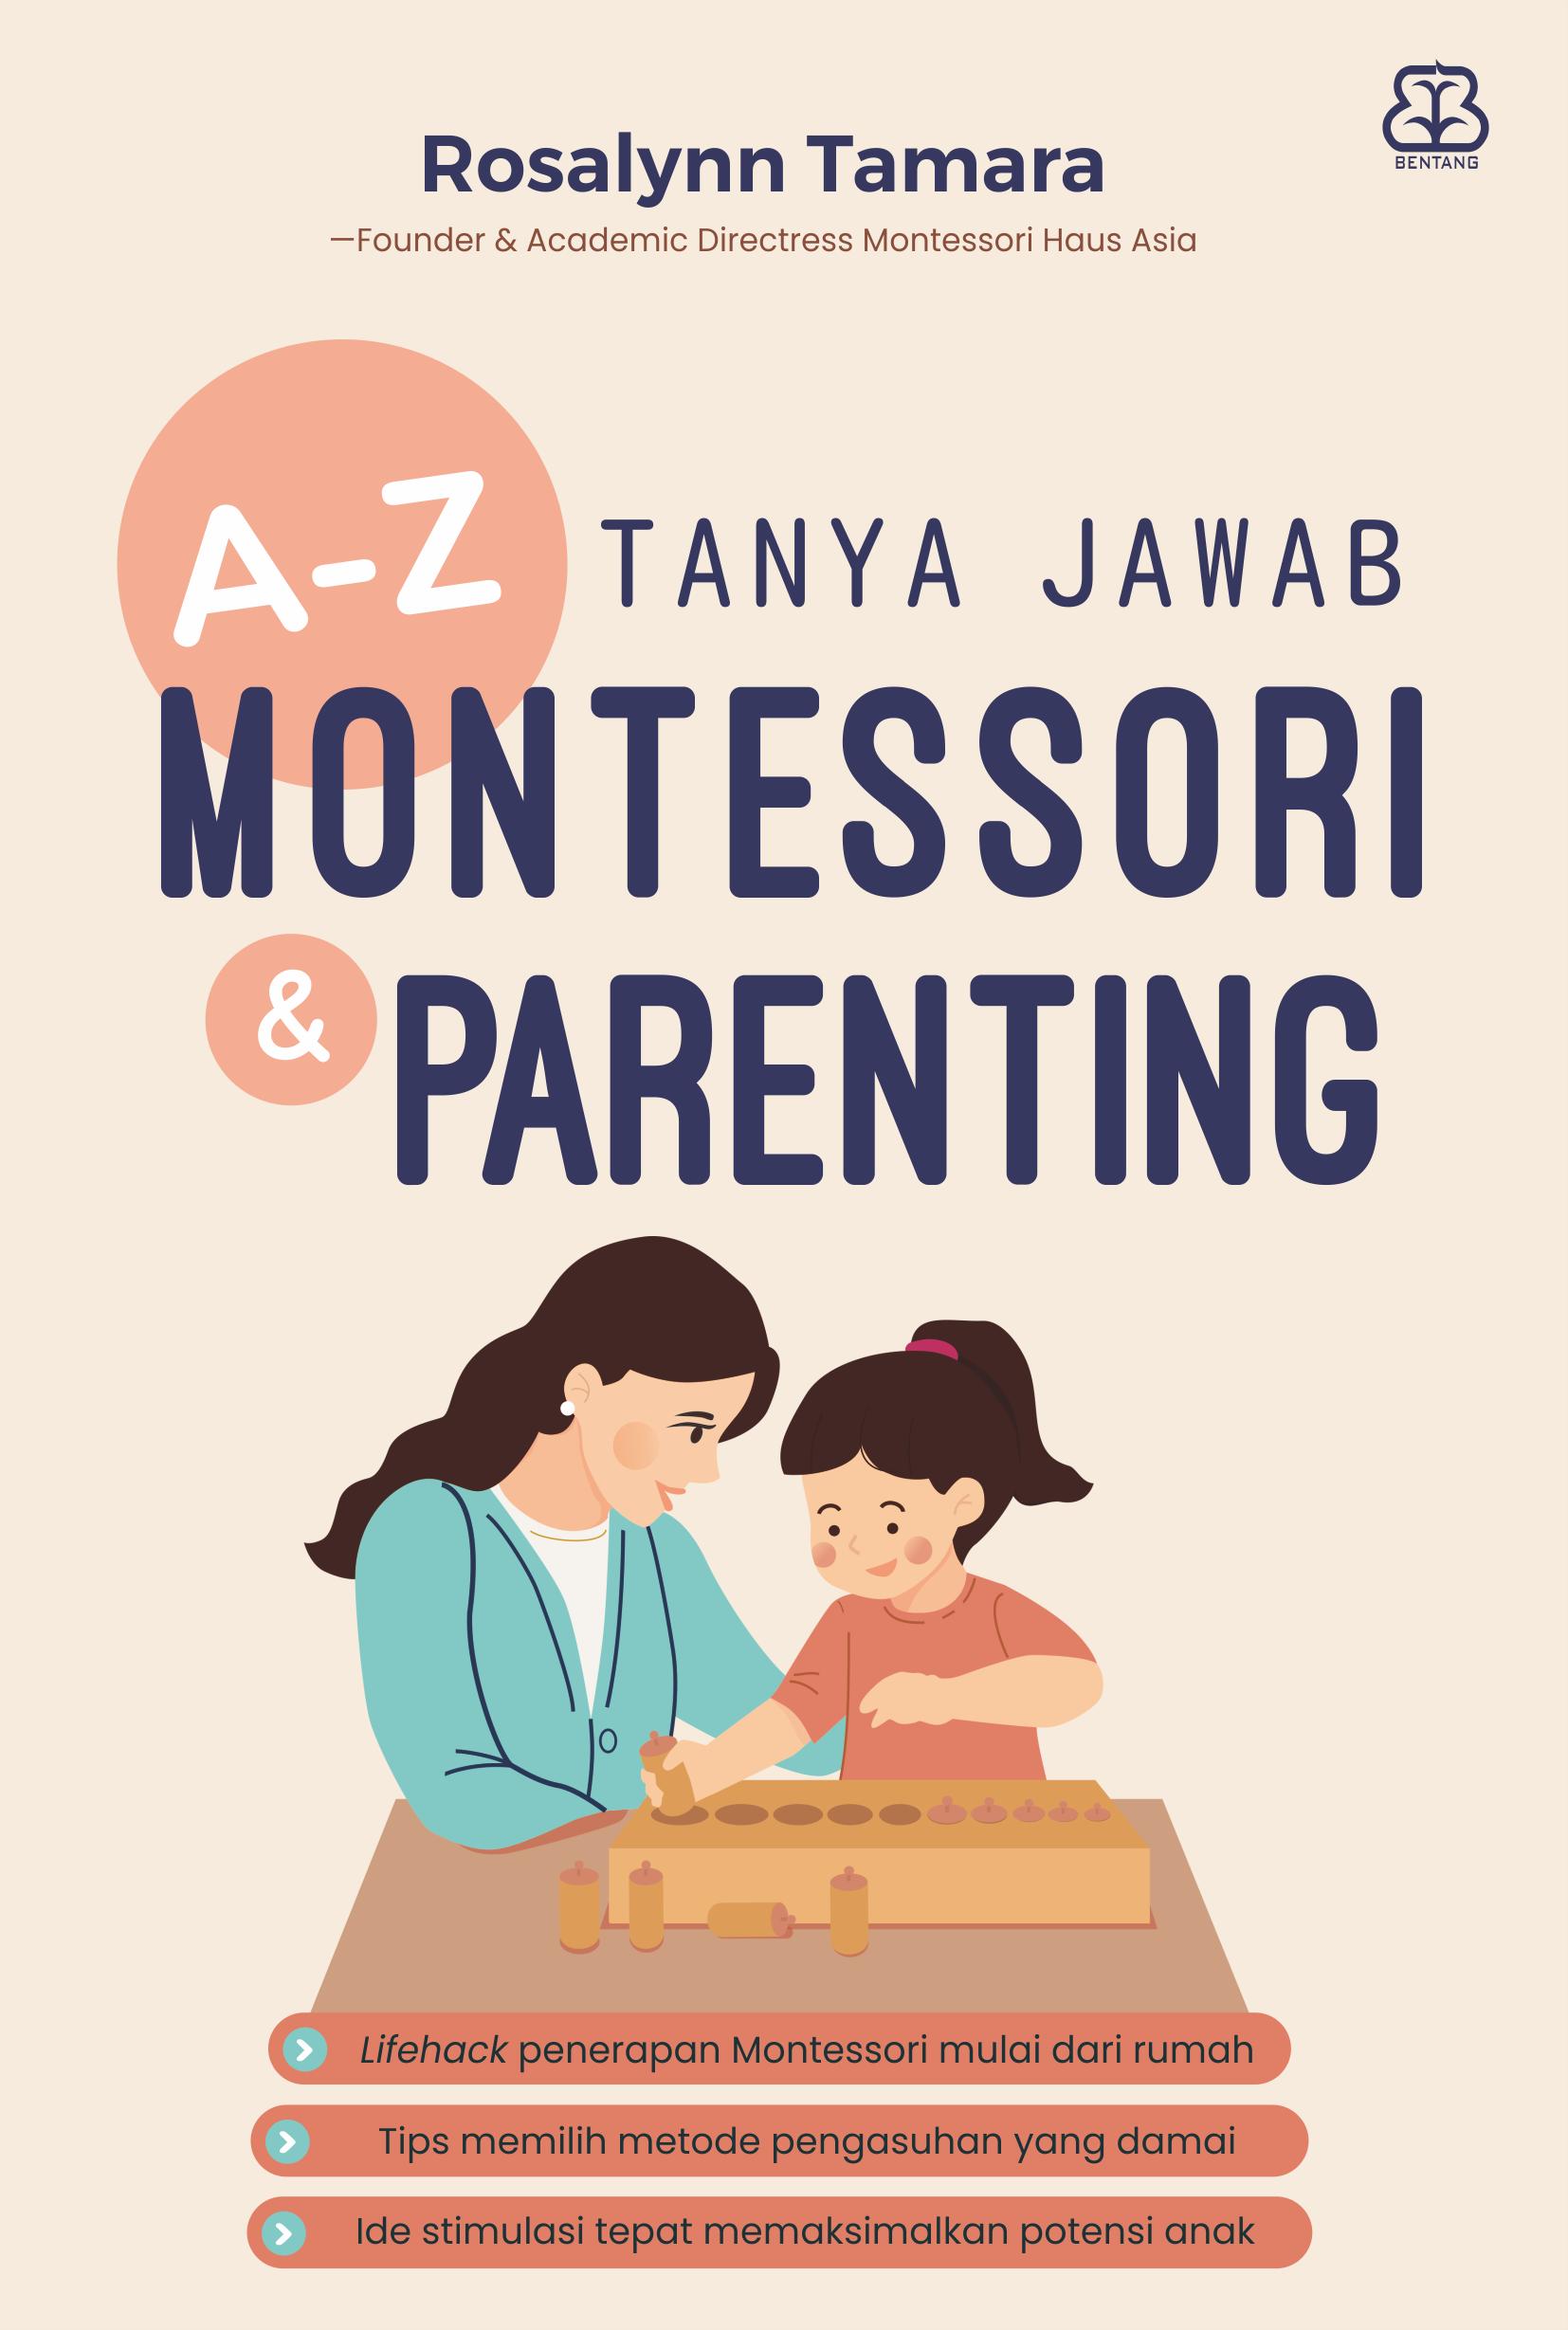 A-Z TANYA JAWAB MONTESSORI & PARENTING